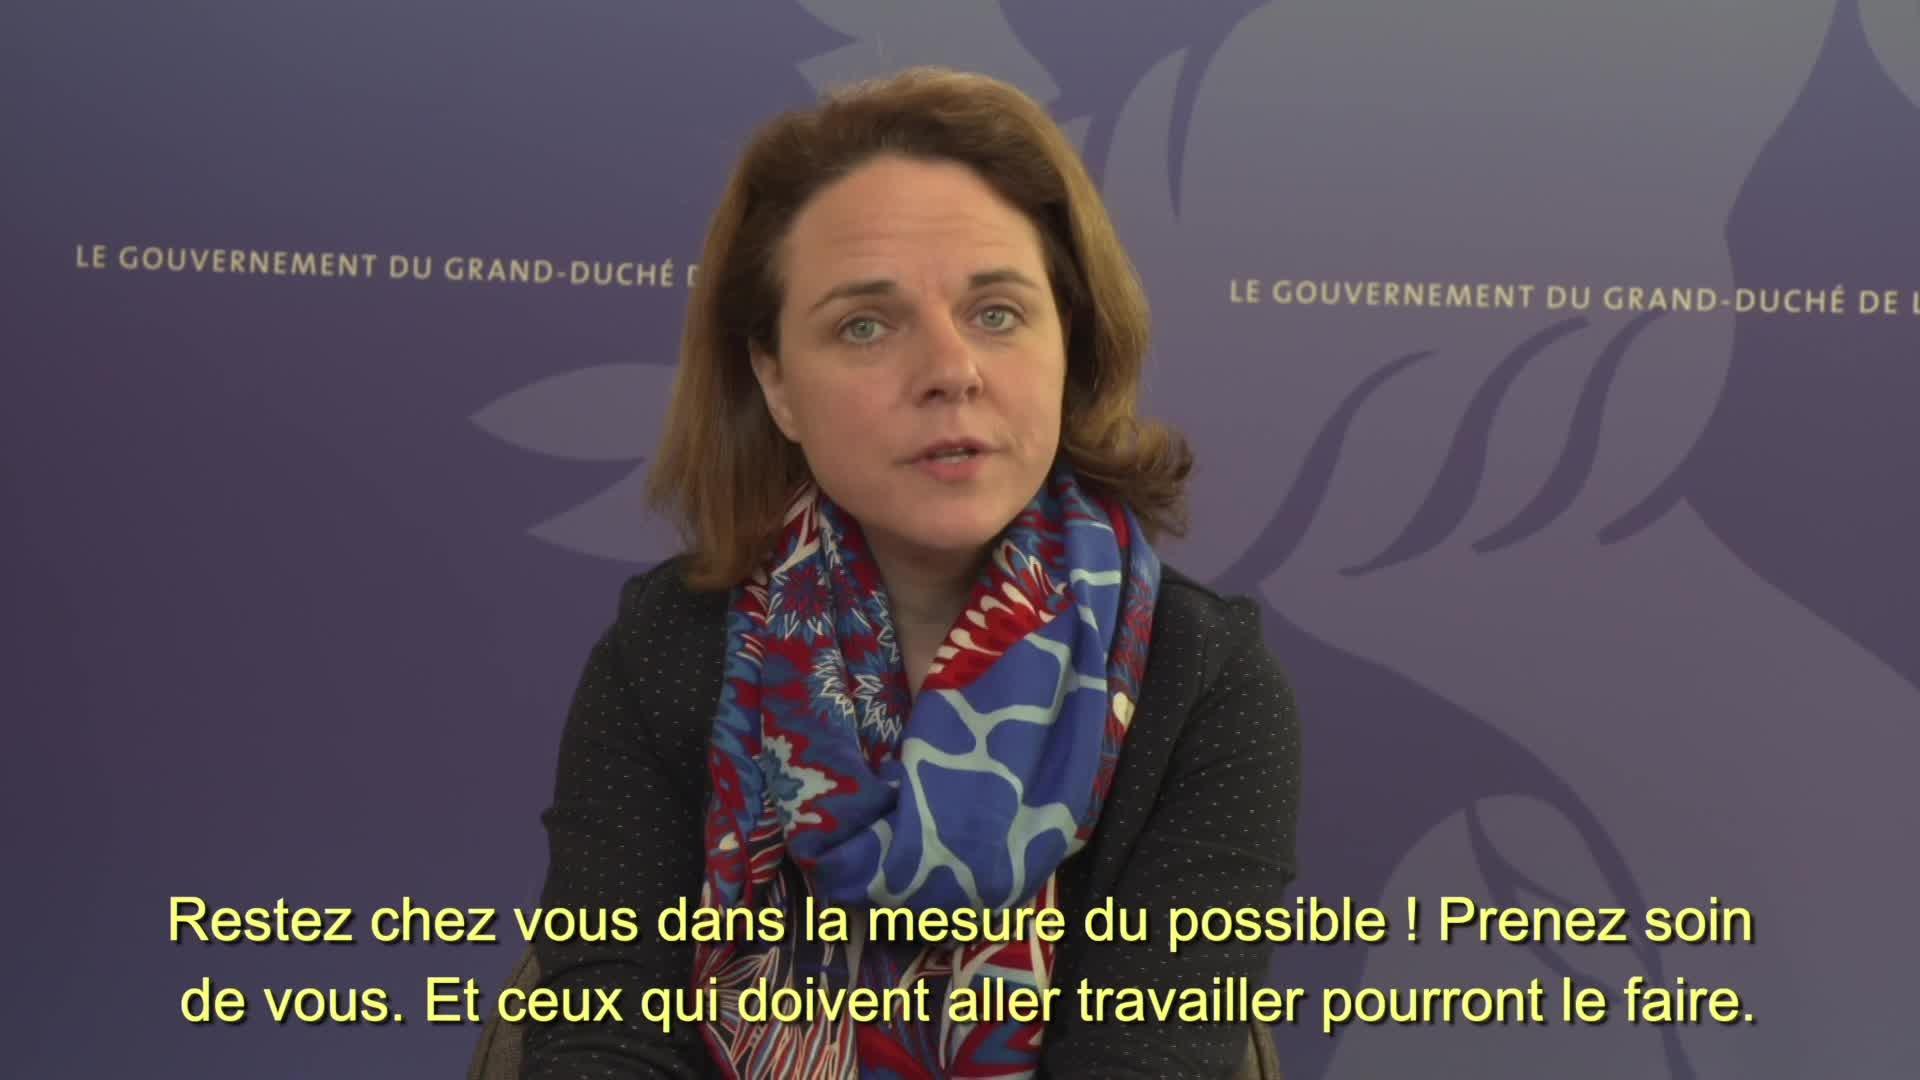 Covid19 - La ministre de la Famille et de l'Intégration, Corinne Cahen, informe